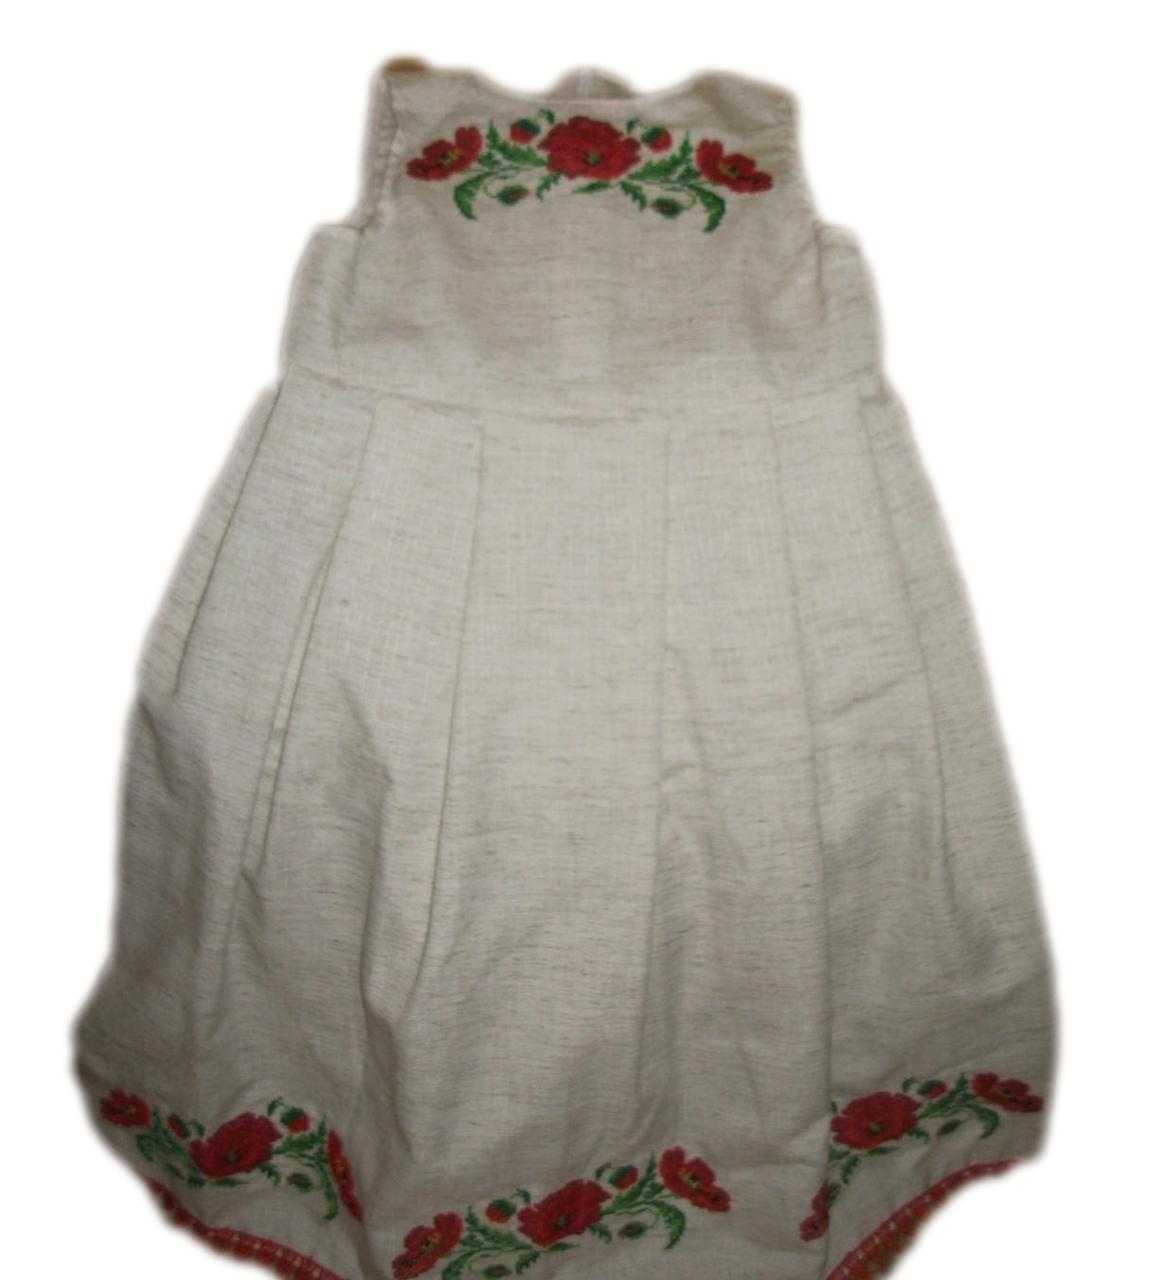 """Вишите плаття для дівчинки """"Лоріс"""" (Вышитое платье для девочки """"Лорис"""") DT-0018"""